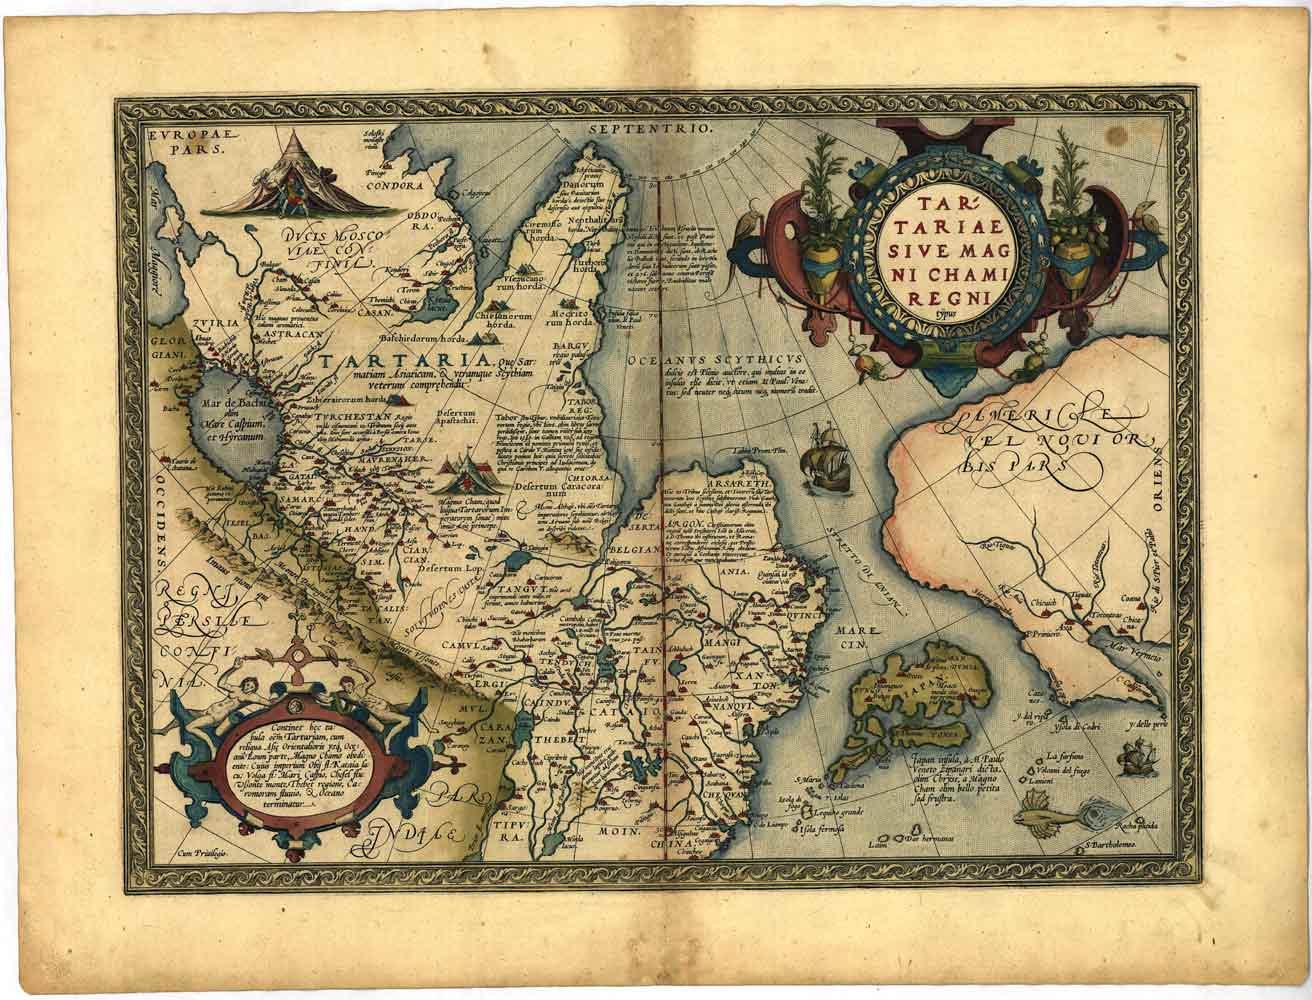 """Может послужить прекрасным подарком.  Репродукция карты карты  """"Tartaria siue magni chami imperivm """"."""